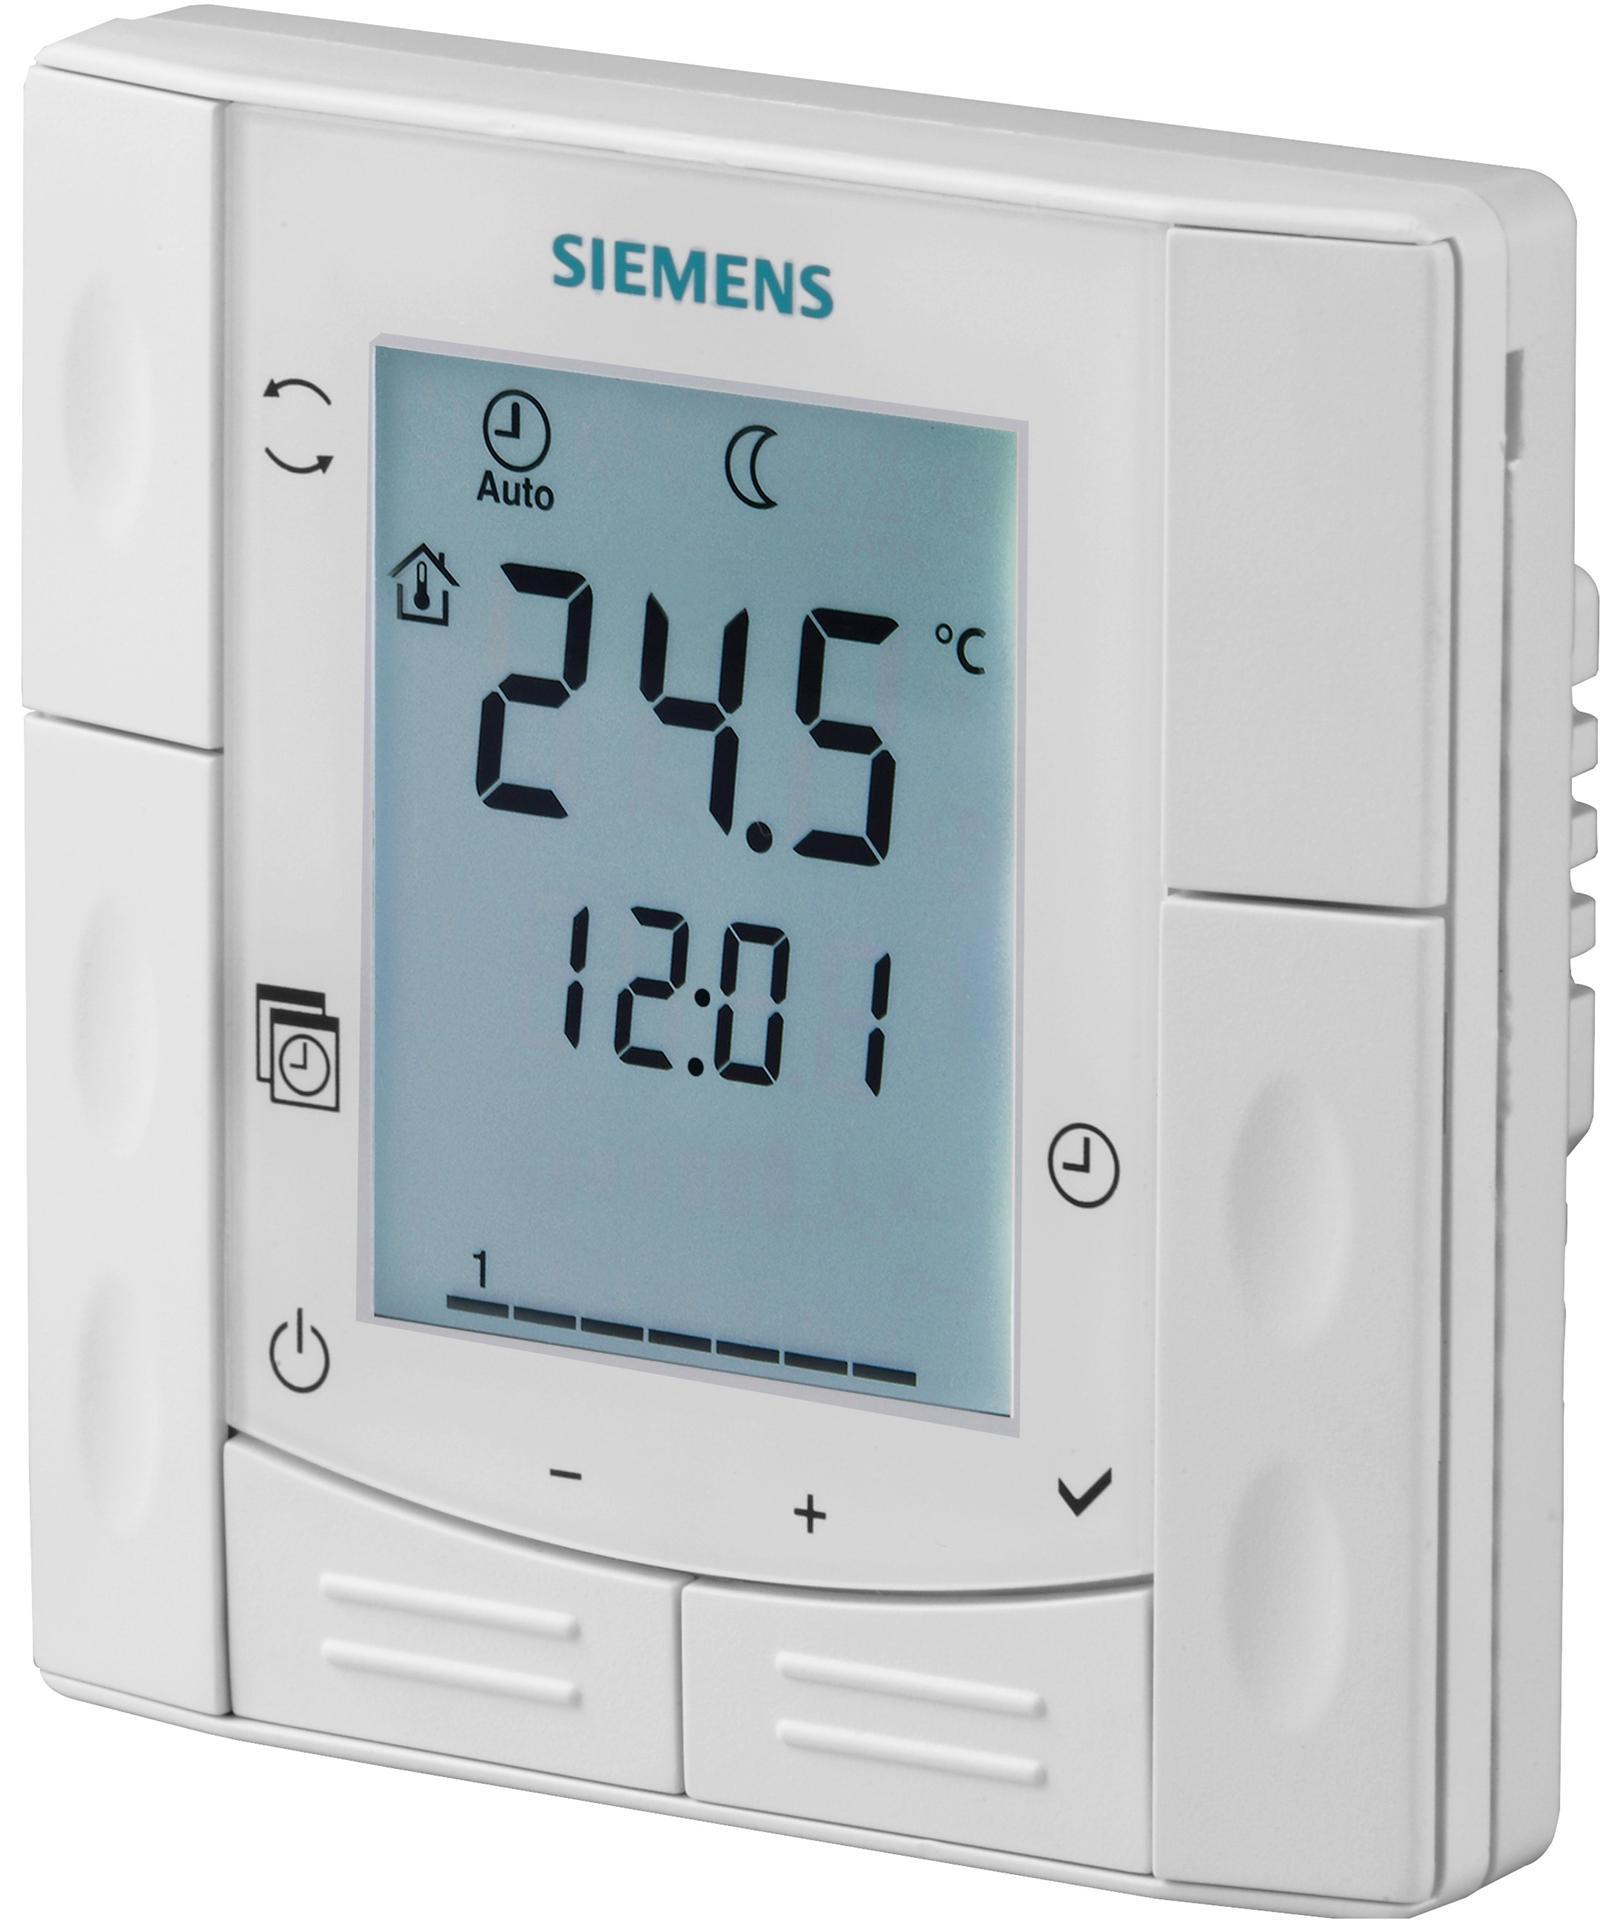 комнатный термостат siemens rdh10 инструкция